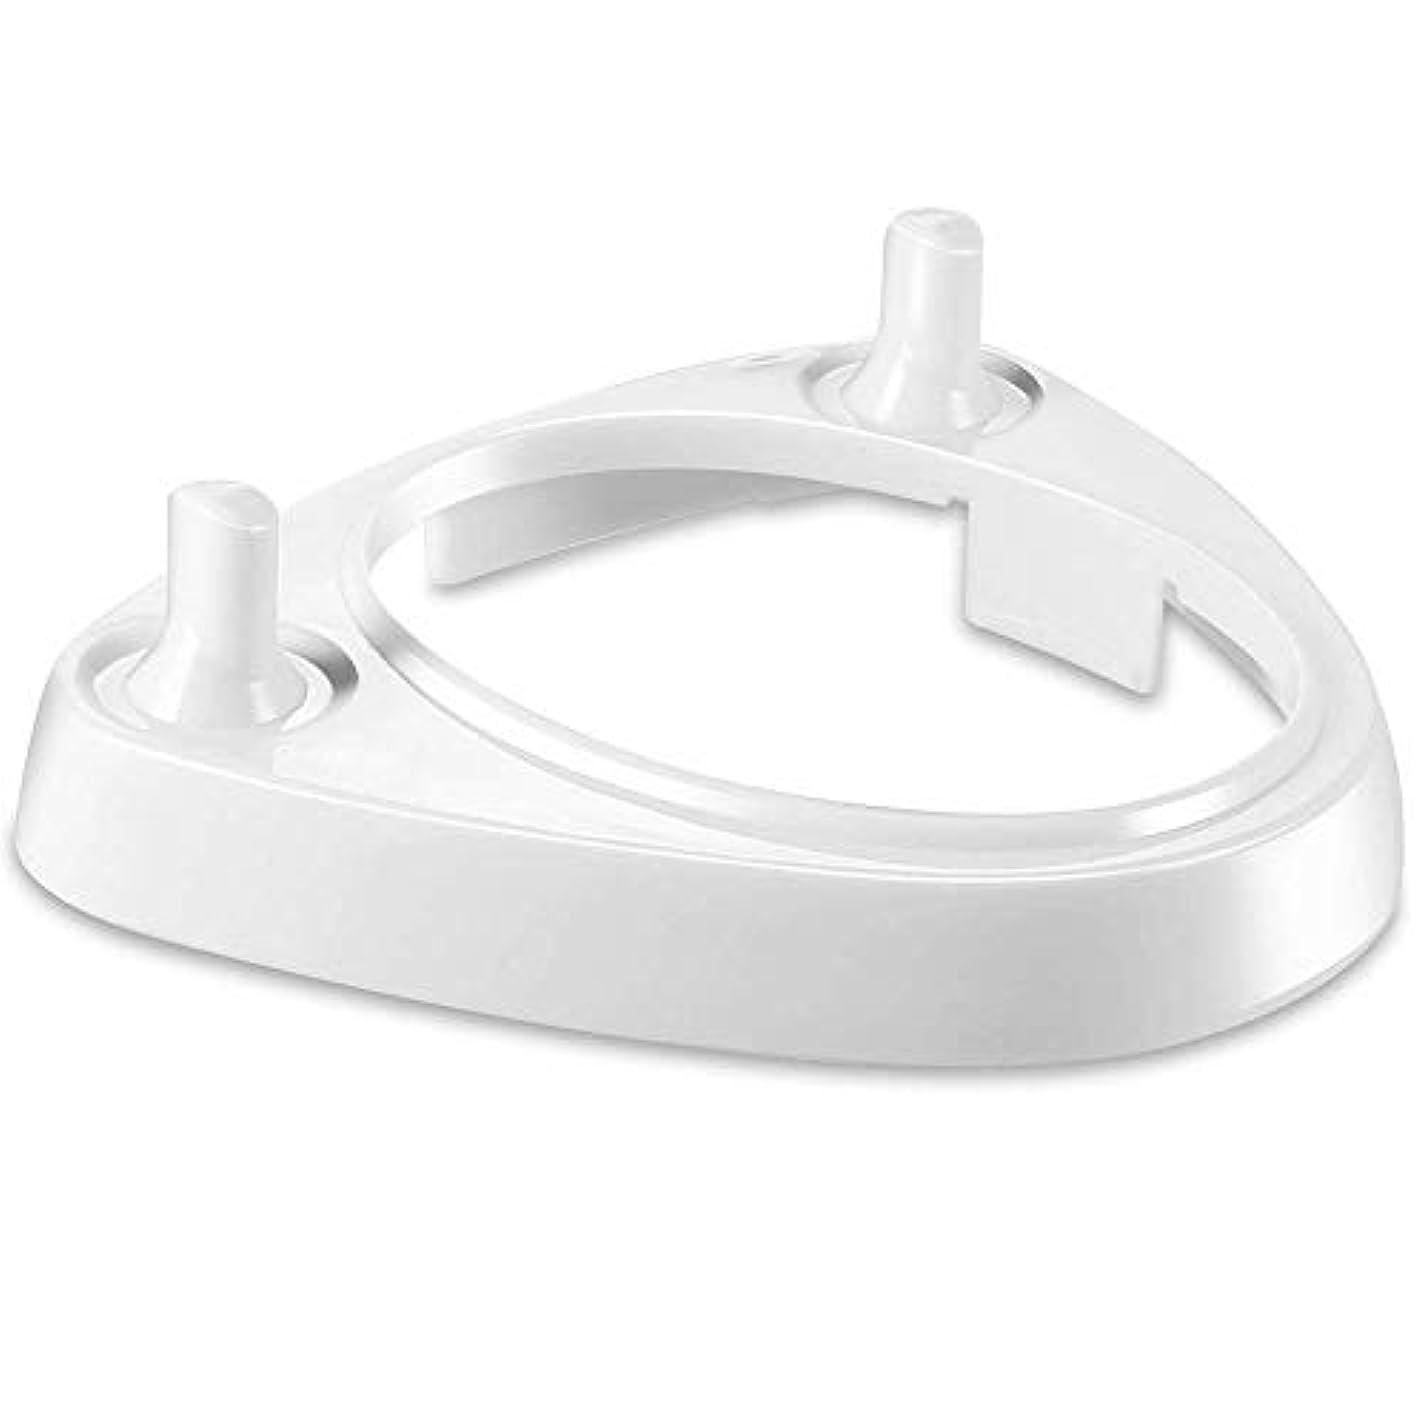 Orient Direct 歯ブラシのヘッドホルダーの三角形の形屋内のための歯ブラシのヘッド充電器のホールダー